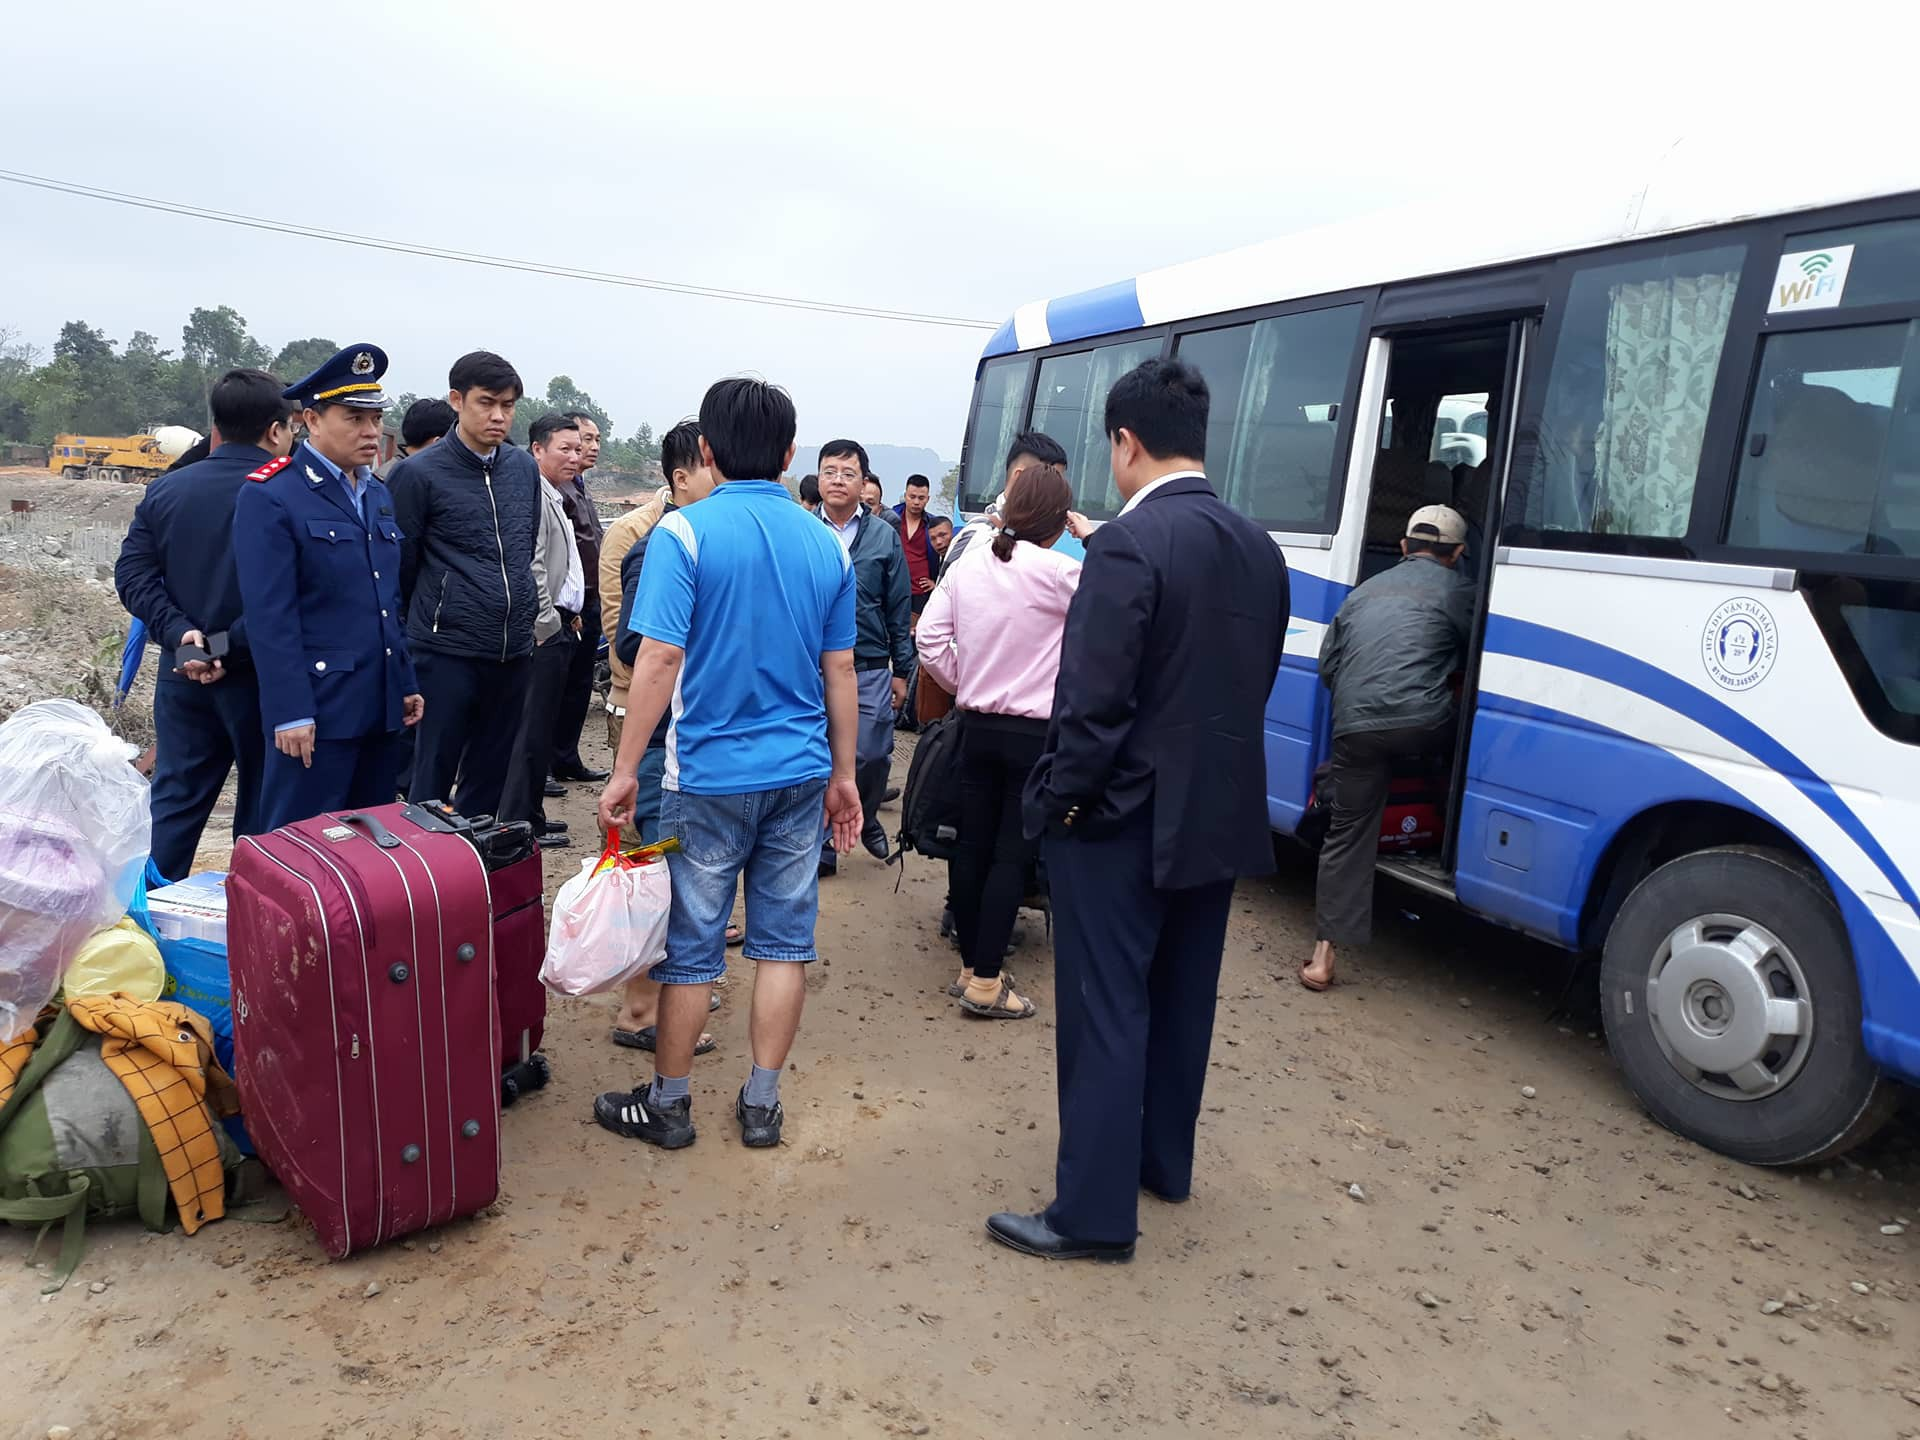 Chùm ảnh: Hiện trường vụ lật xe kinh hoàng ngày giáp Tết khiến 2 người chết, 11 người bị thương ở Đà Nẵng - Ảnh 14.